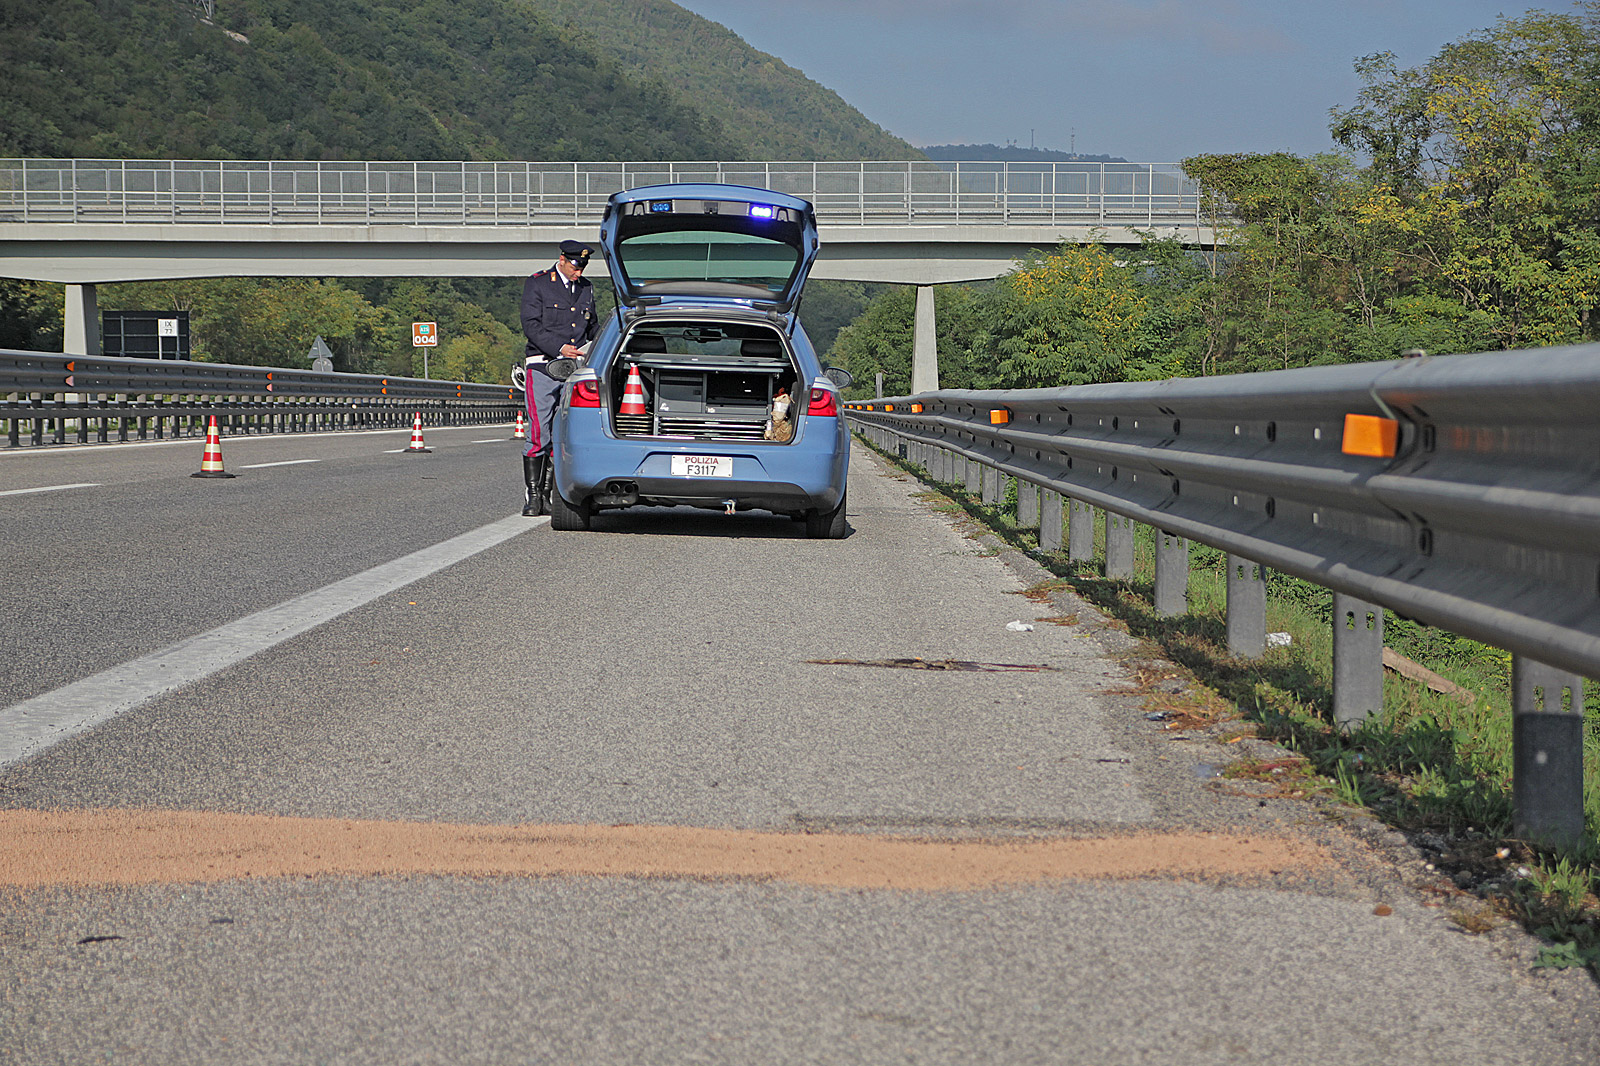 Incidente sulla A25 – Aggiornamento: due le vittime